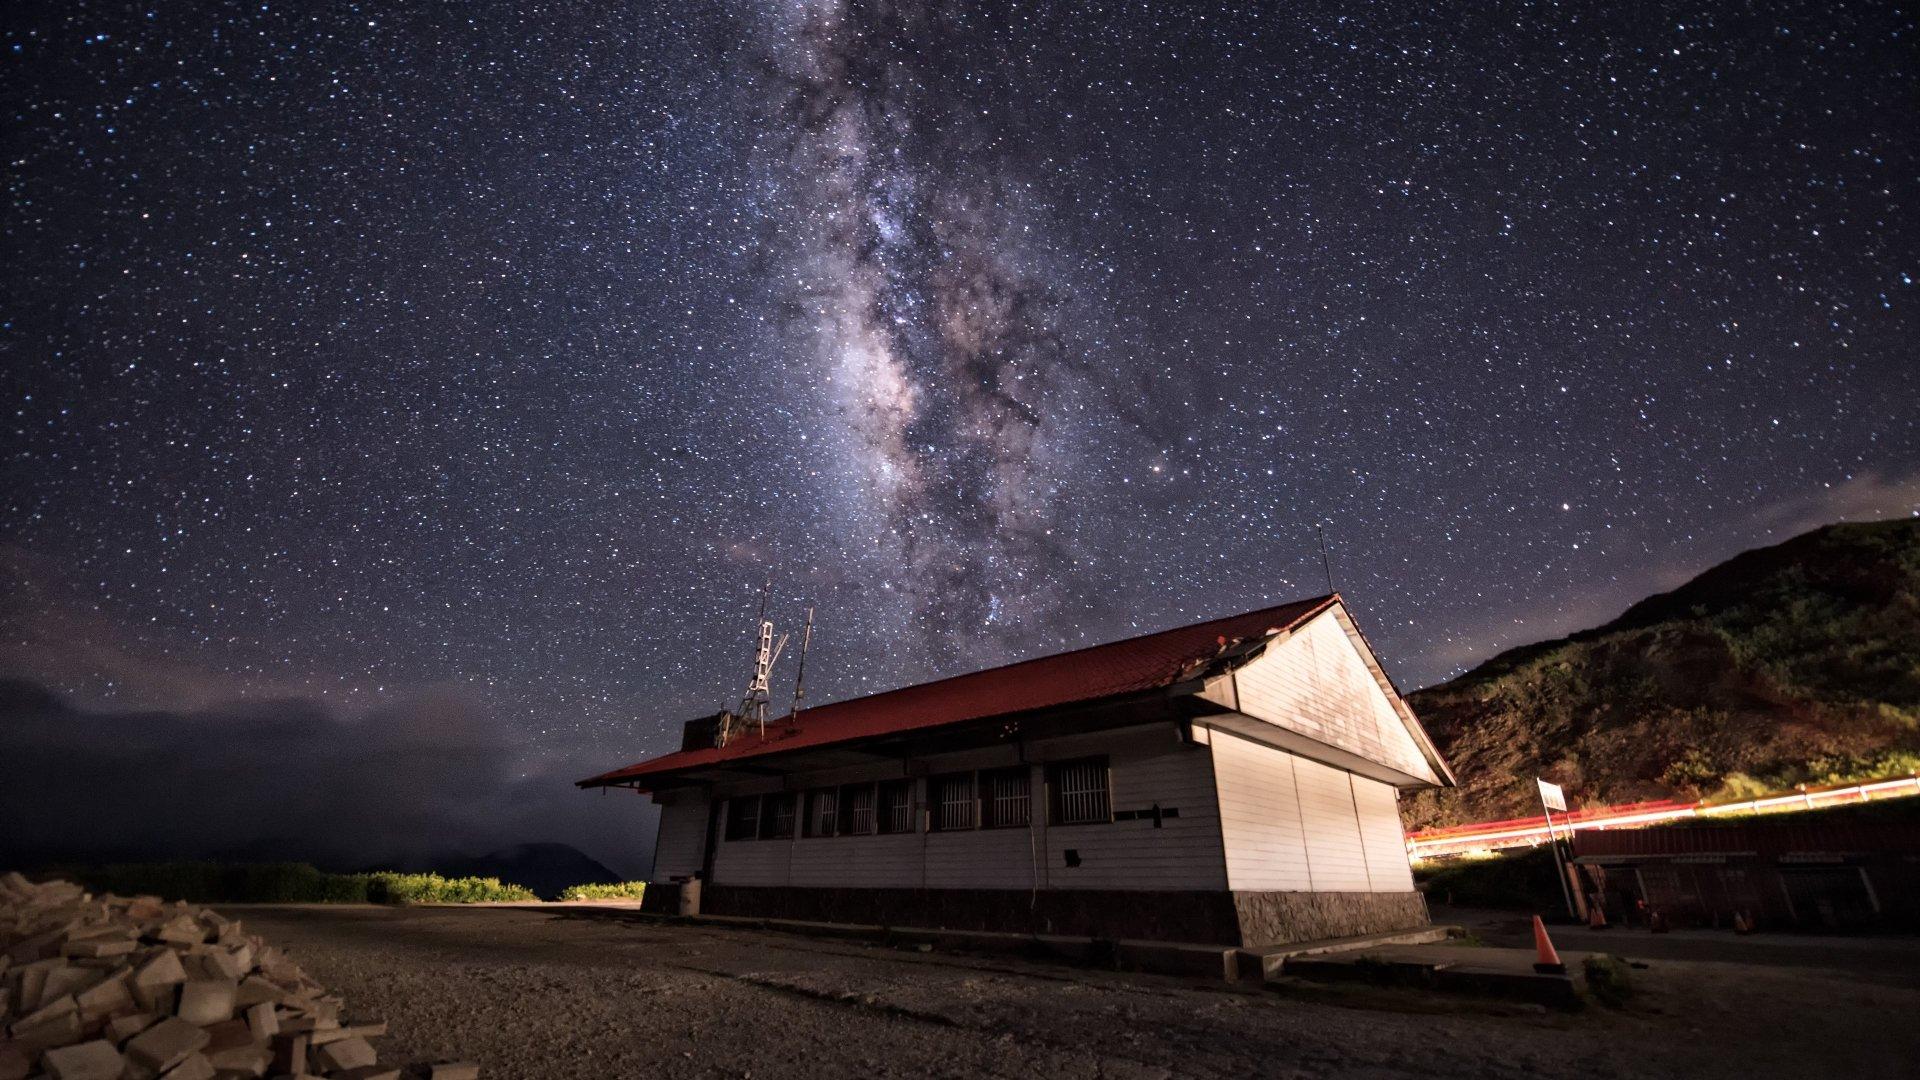 Sci Fi - Milky Way  Wallpaper